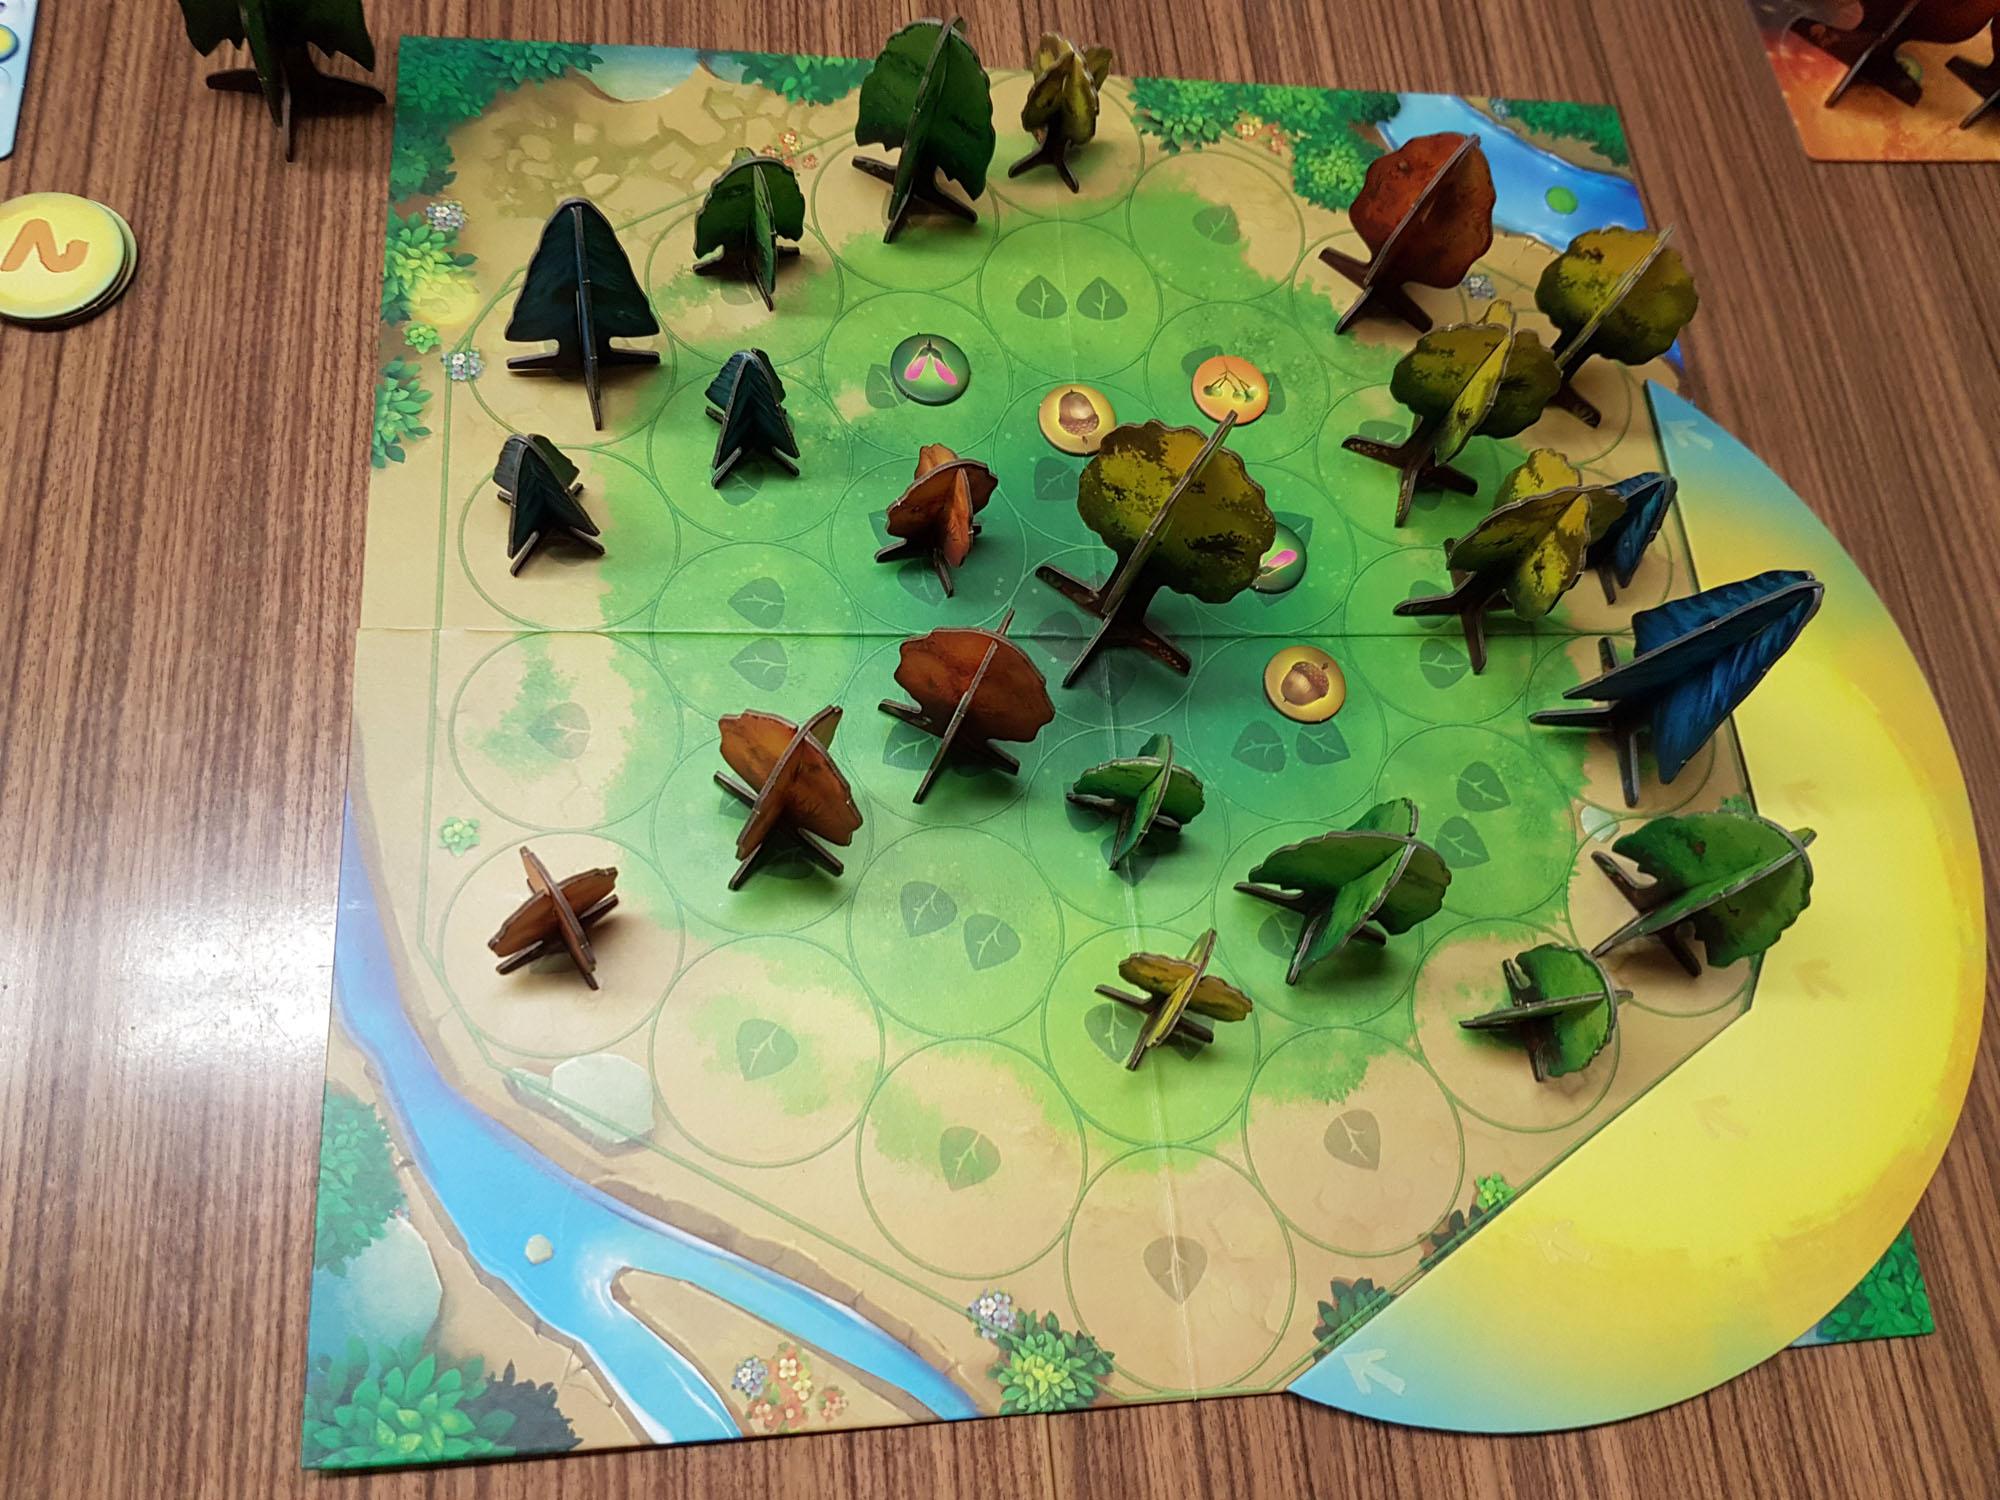 Das Spielfeld  von Photosynthesis - Foto von Alex Sch.